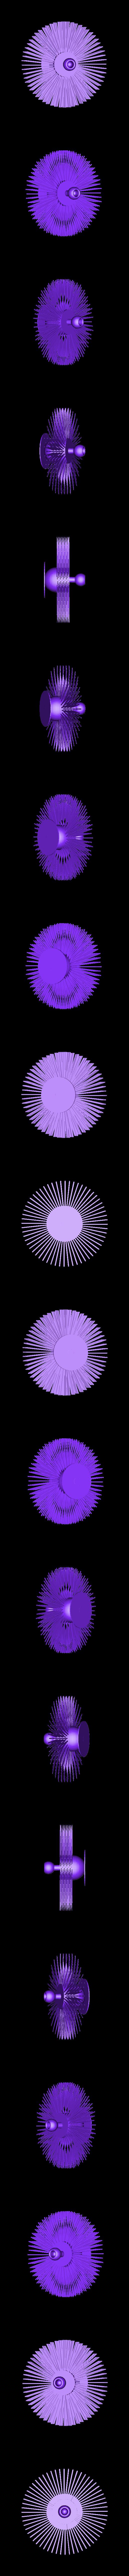 flower.STL Download free STL file Fuzzy Flower • 3D printing design, OgoSport